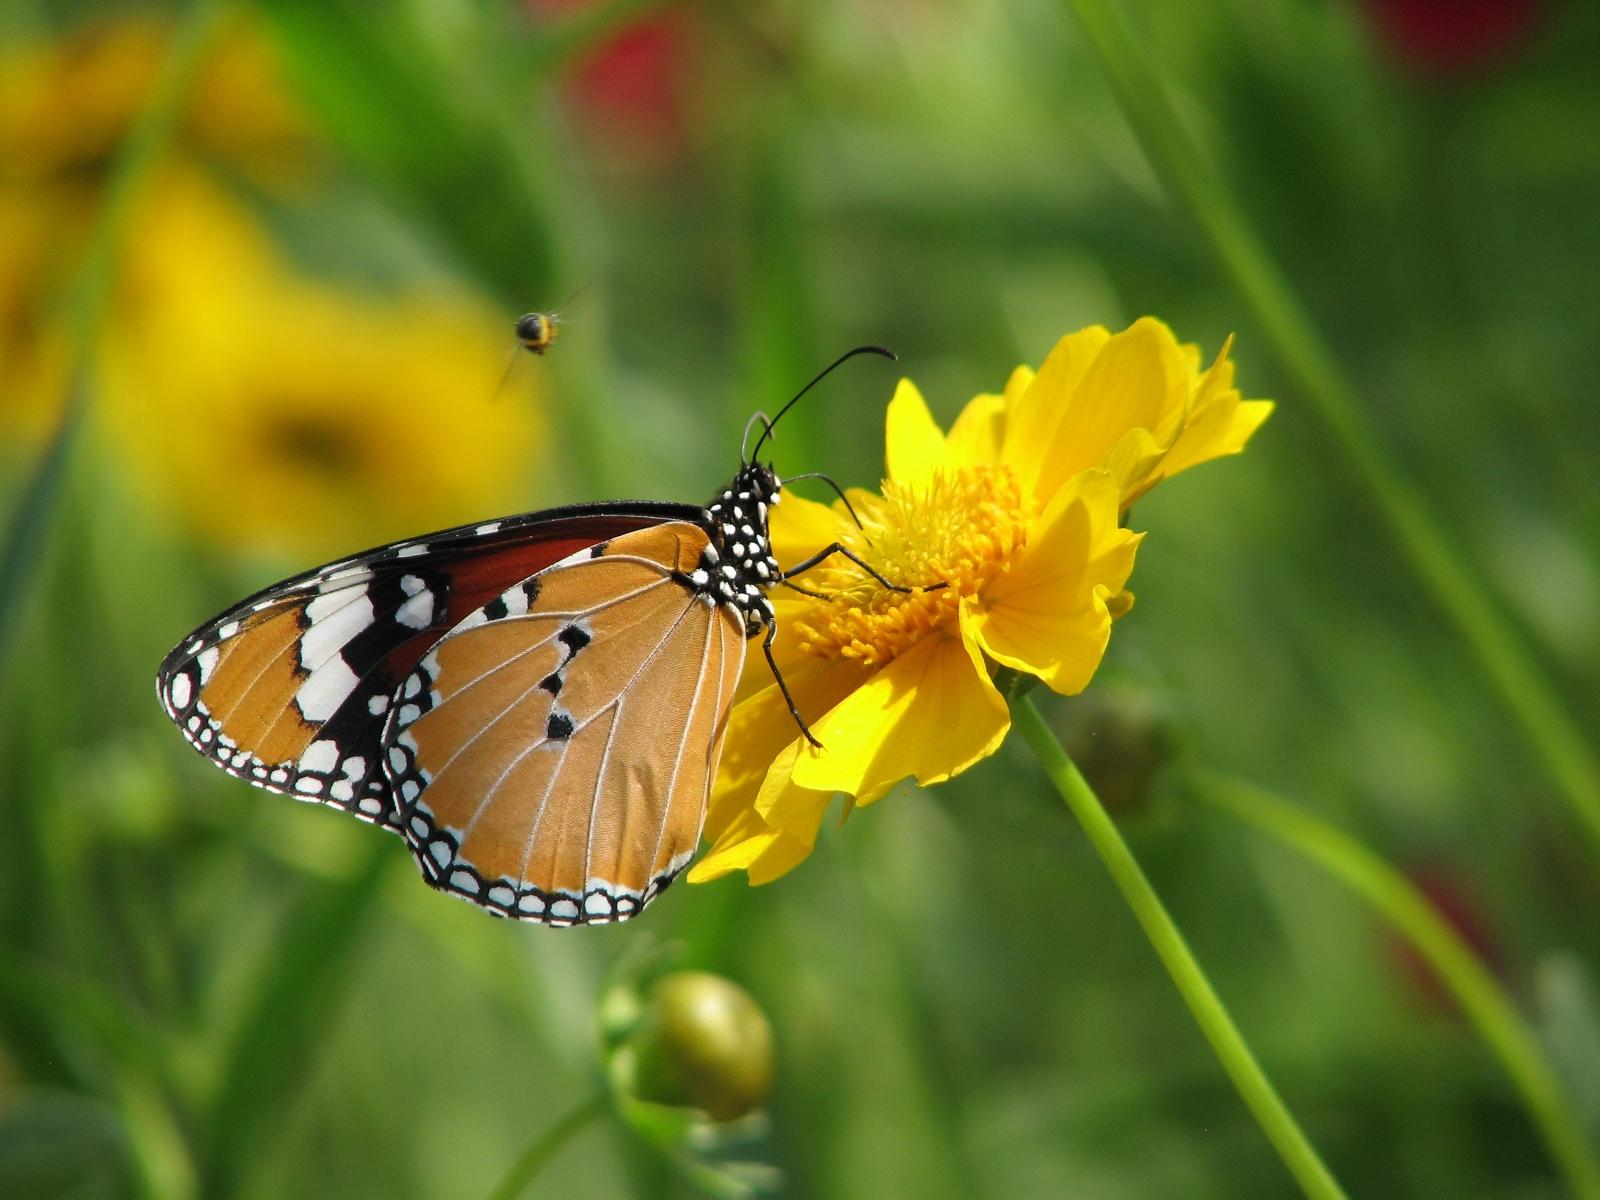 flowers for flower lovers.: HD flowers N butterfly desktop ...